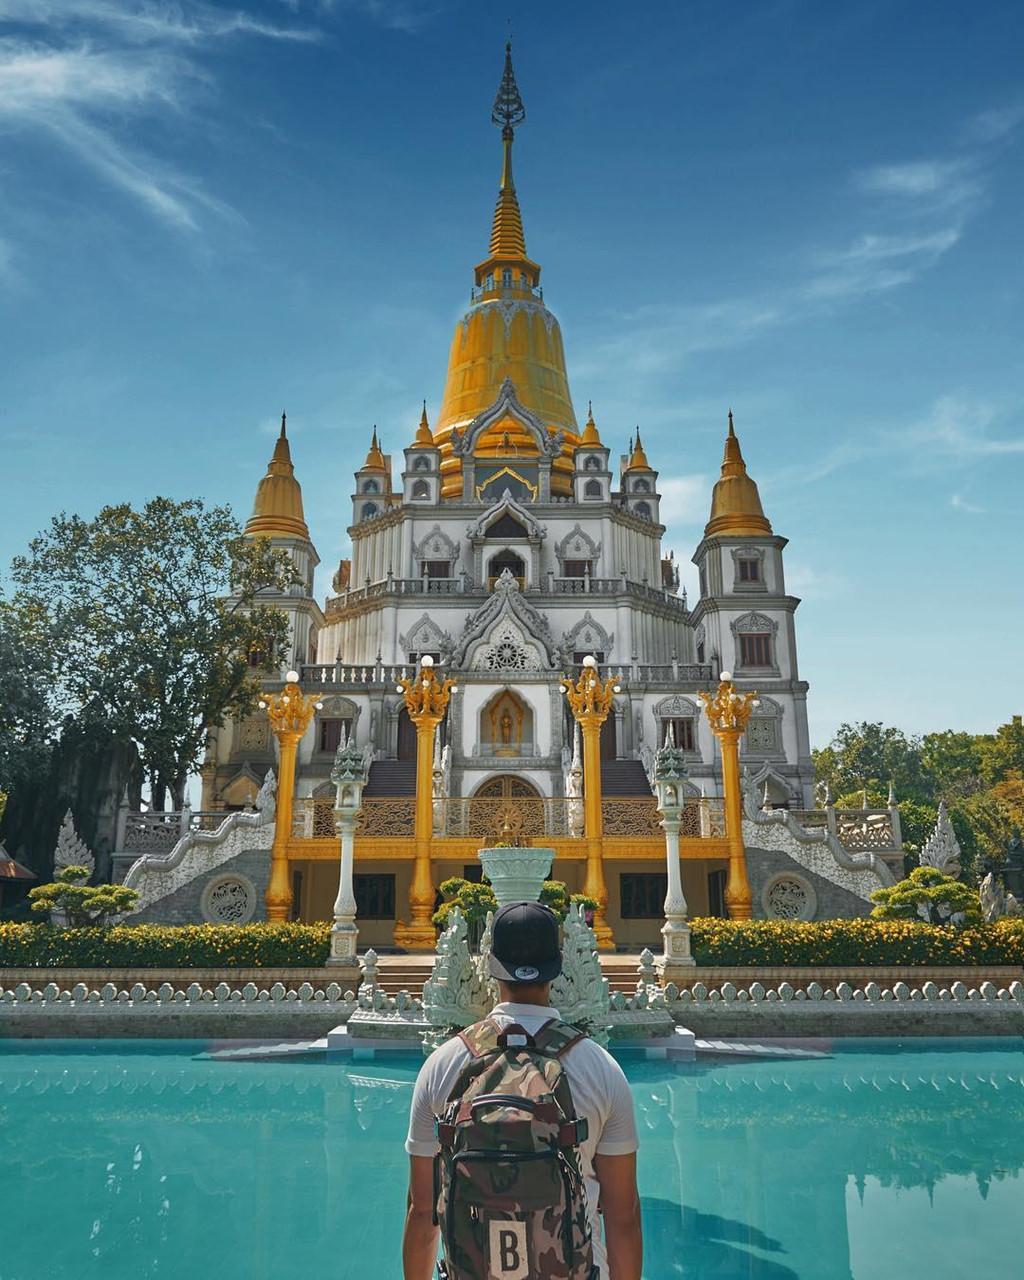 Bửu Long và 5 ngôi chùa nổi tiếng linh thiêng khu vực phía nam - Hình 1